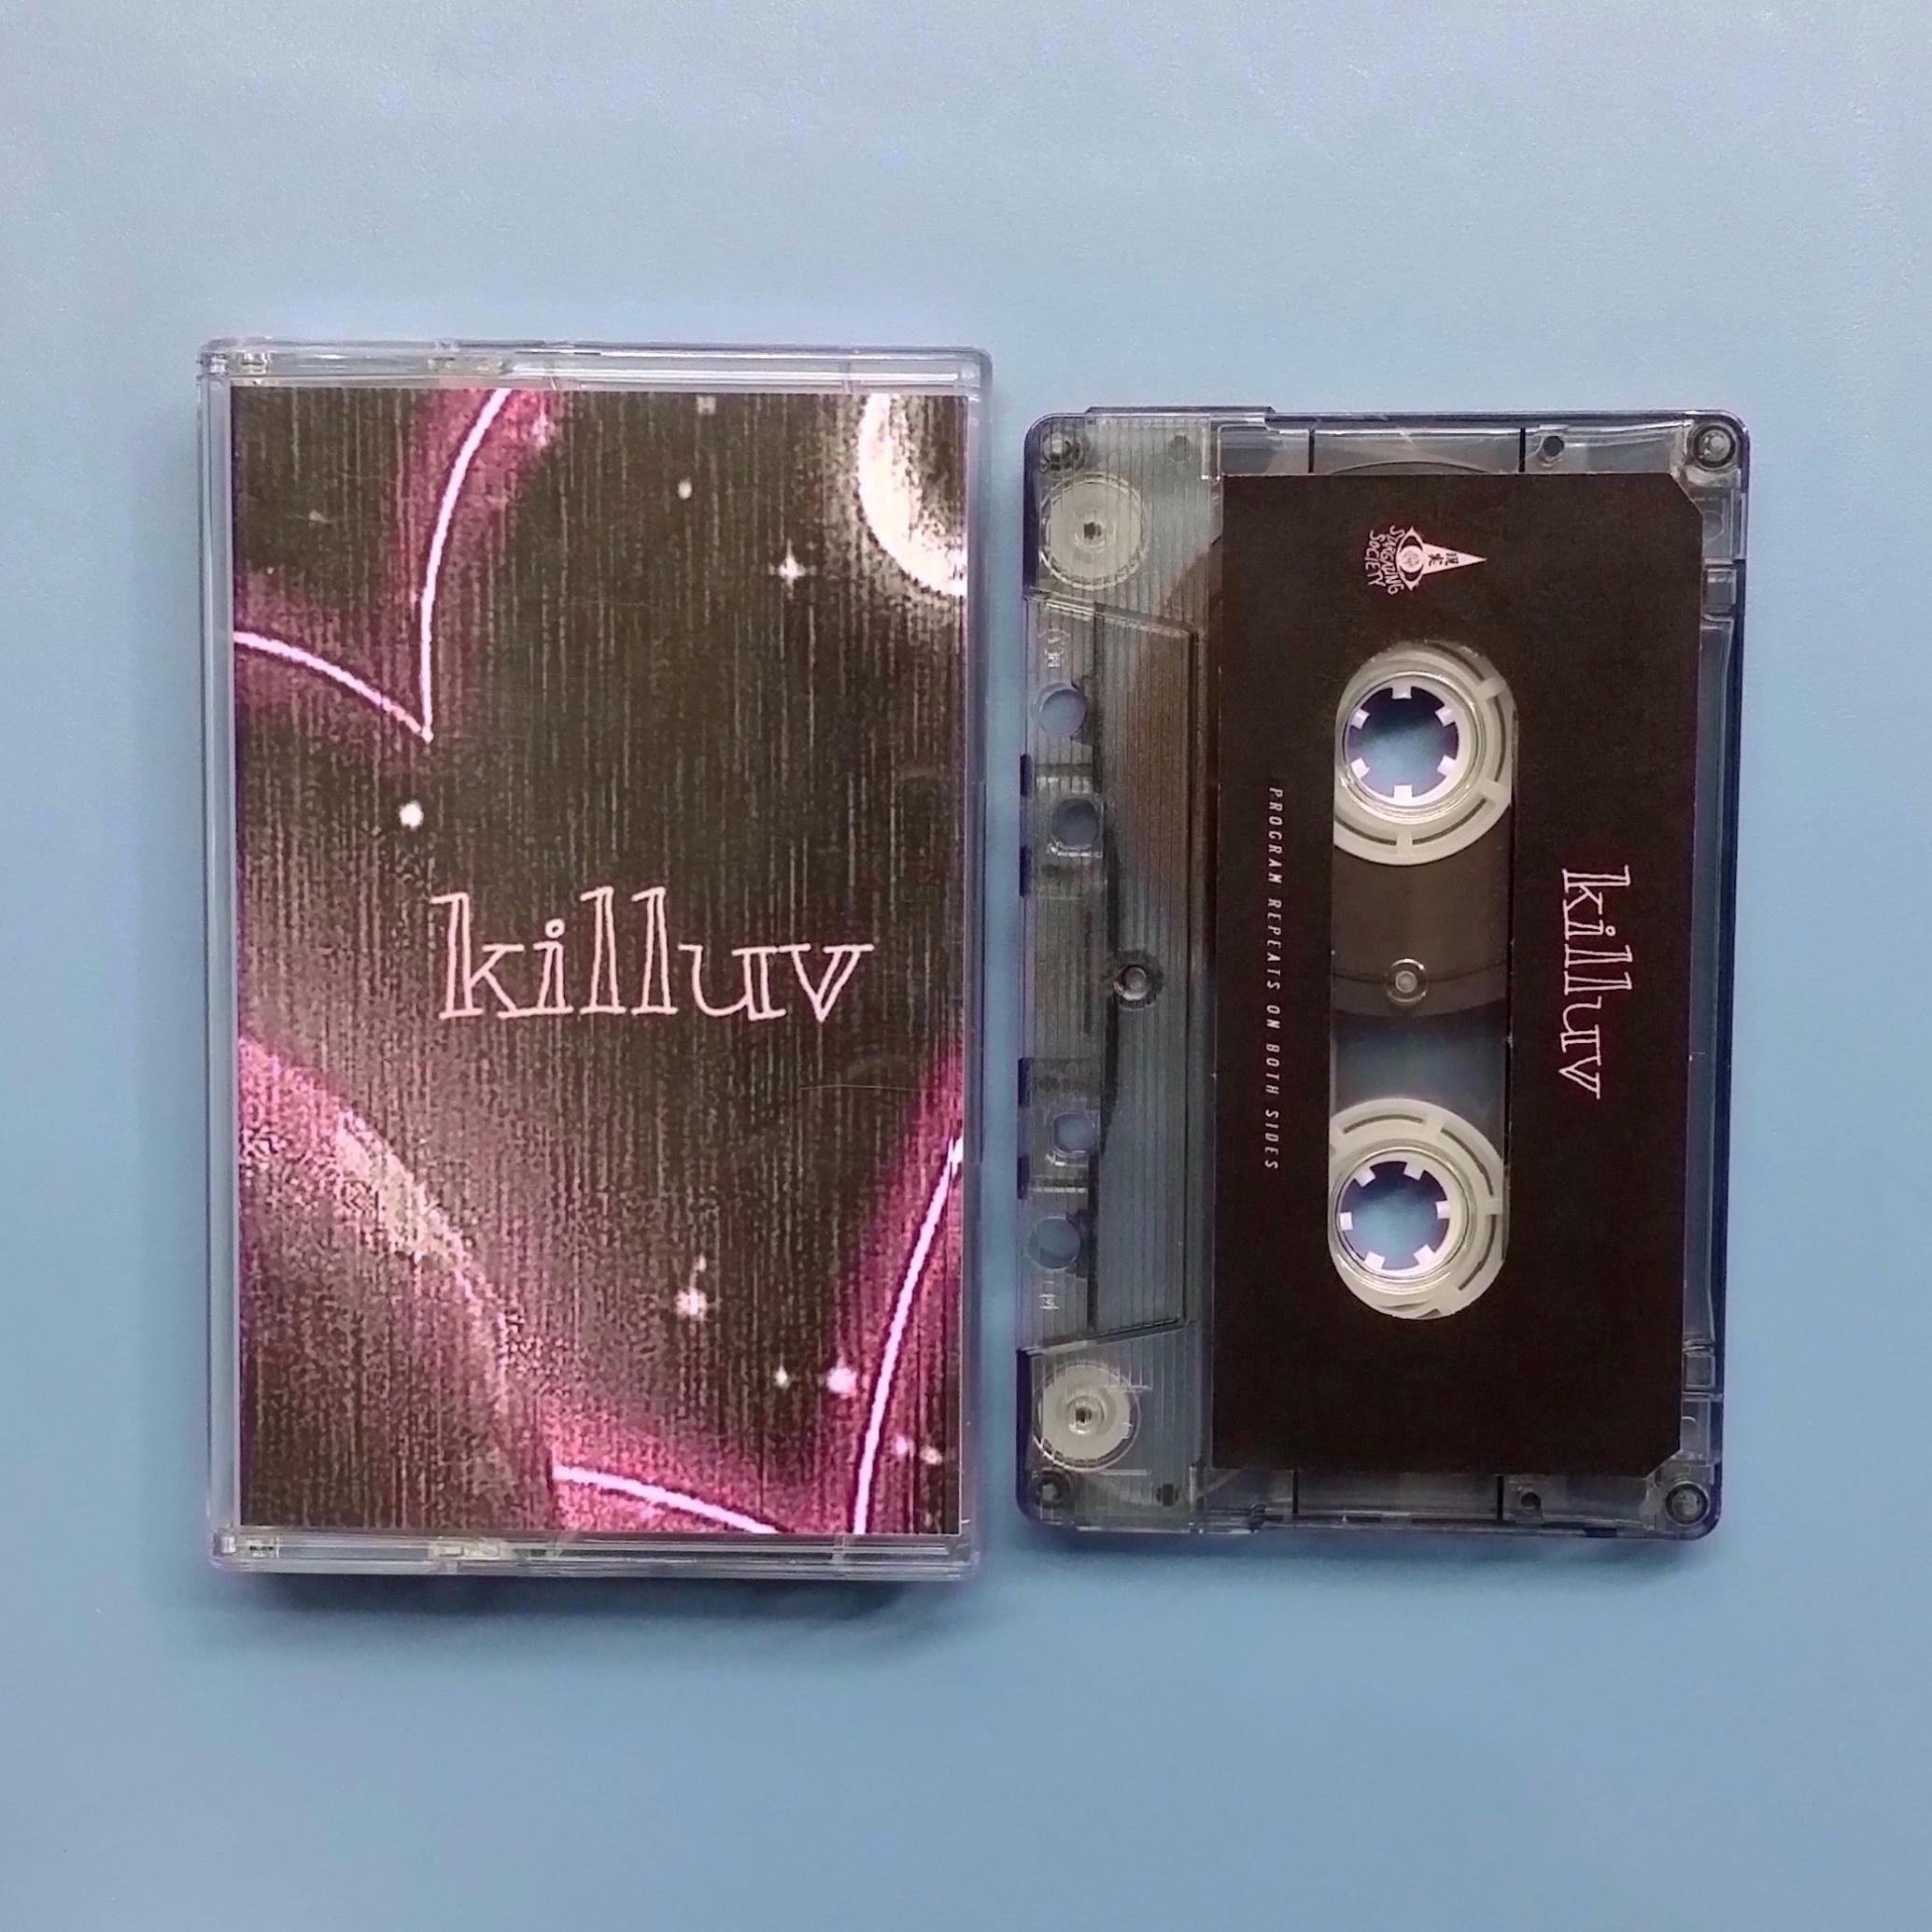 killuv - self titled ep (Genjitsu Stargazing Society)